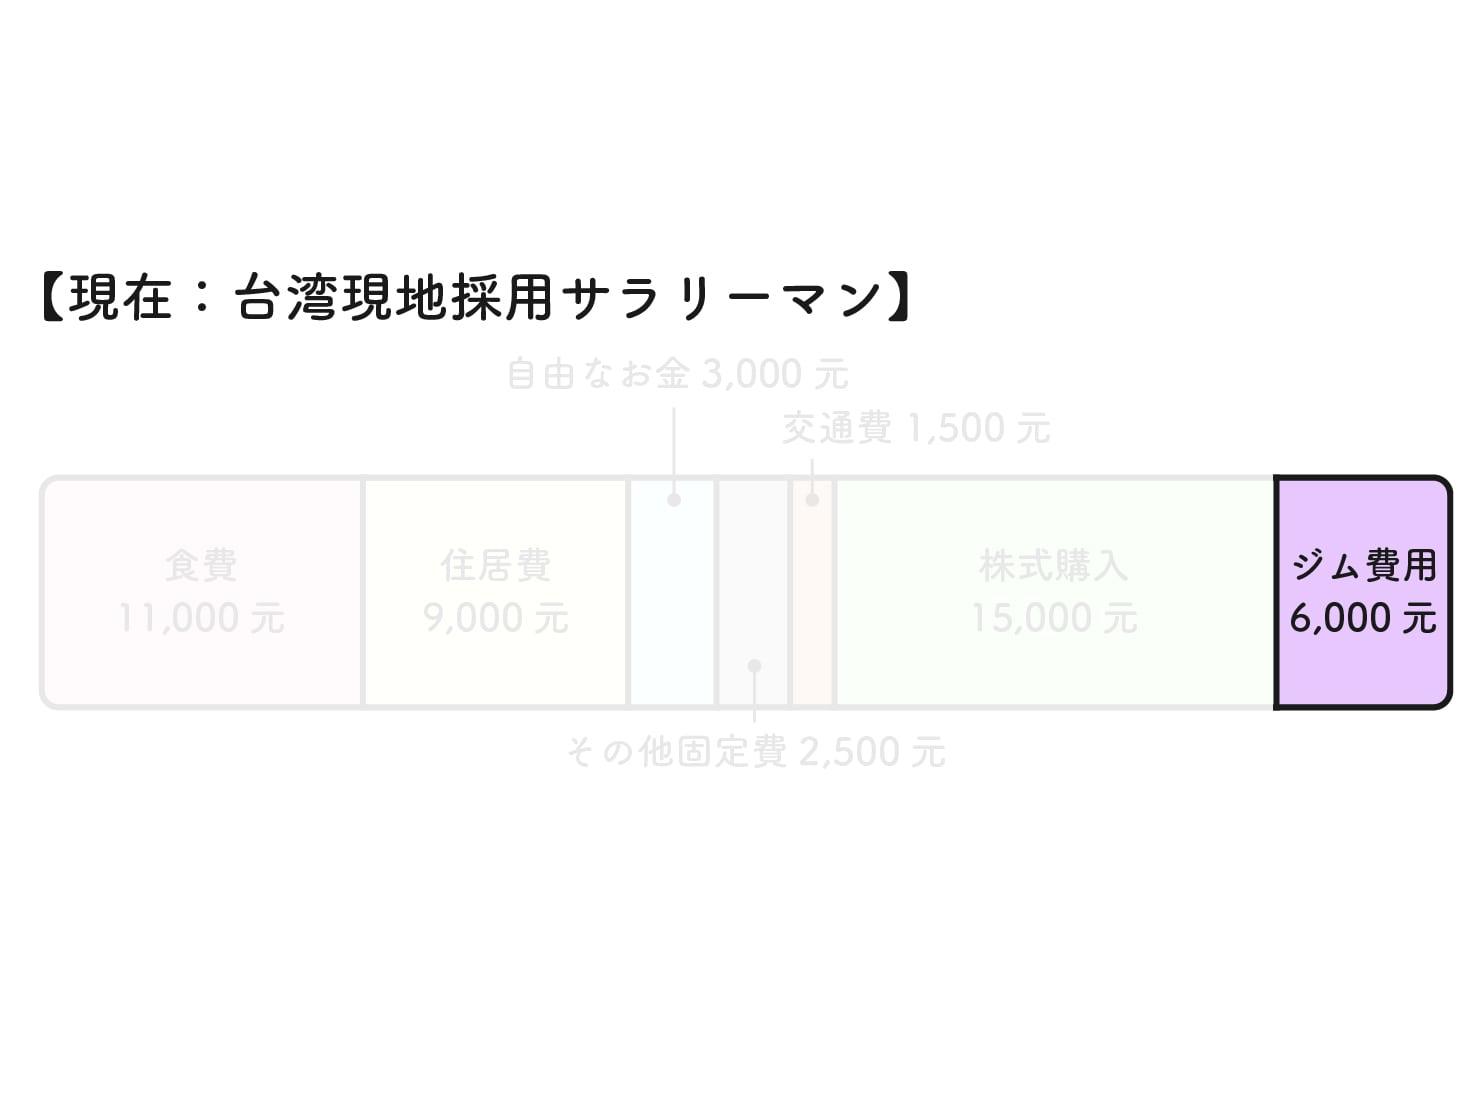 31歳日本男子の台湾での生活費グラフ(ジム費用)